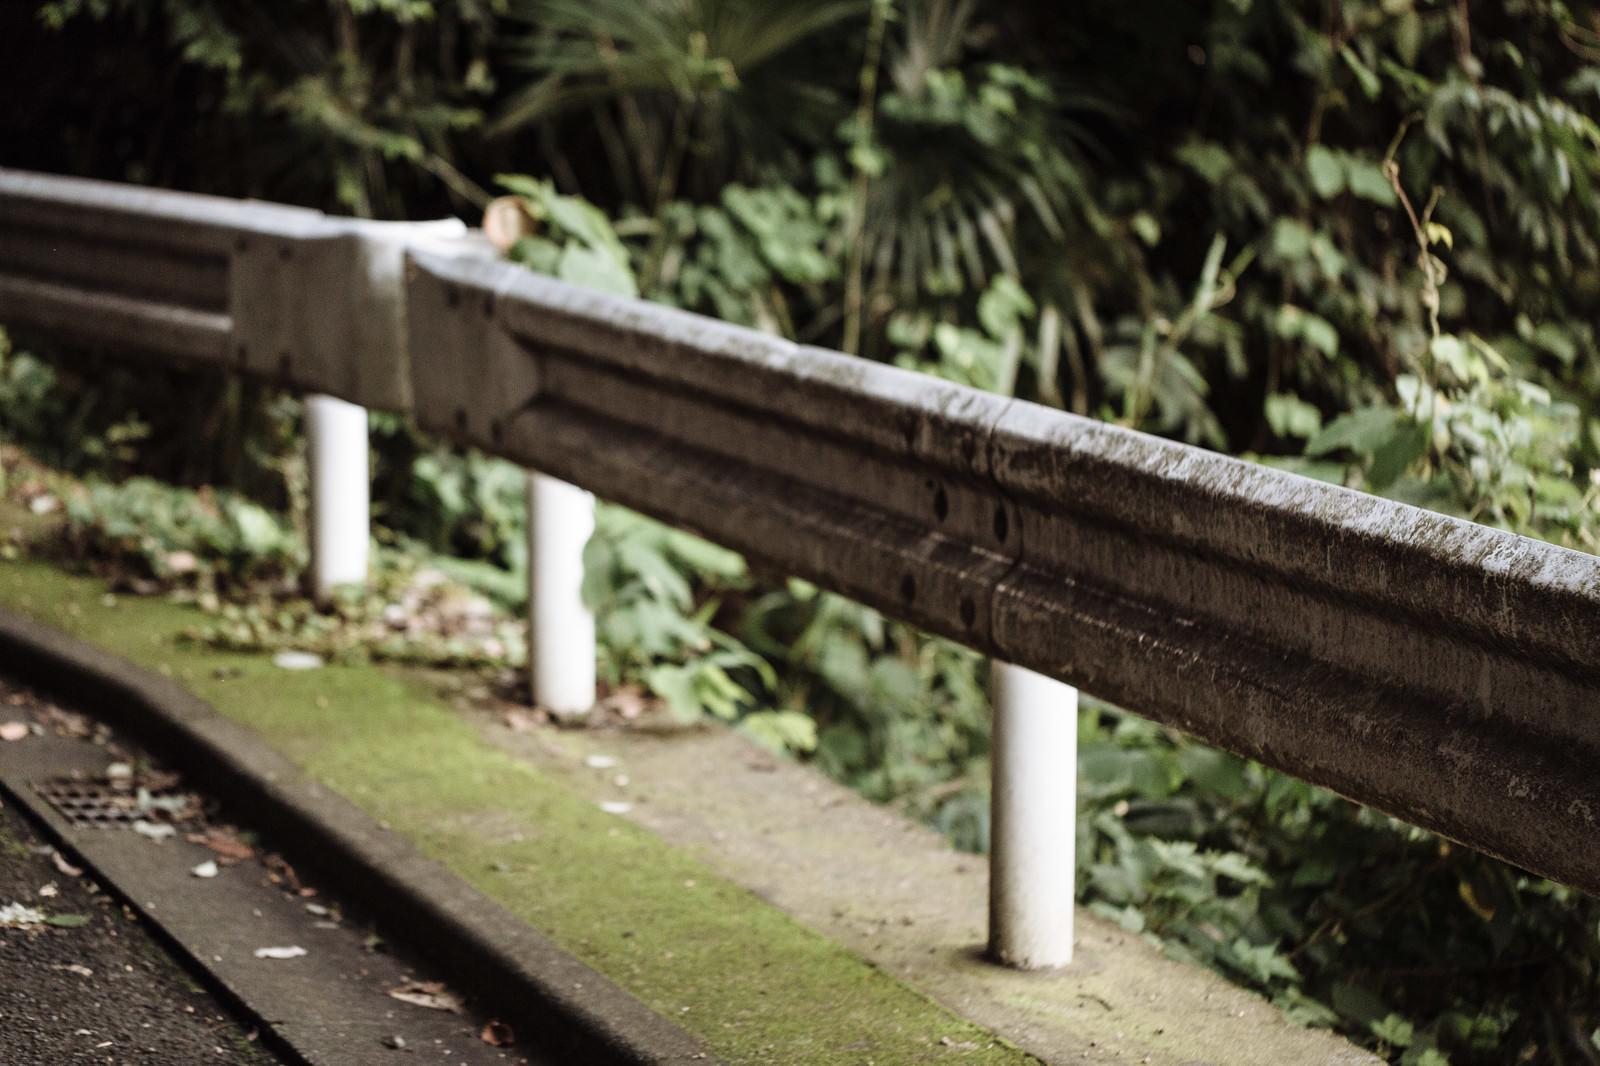 「山奥の不気味なガードレール山奥の不気味なガードレール」のフリー写真素材を拡大